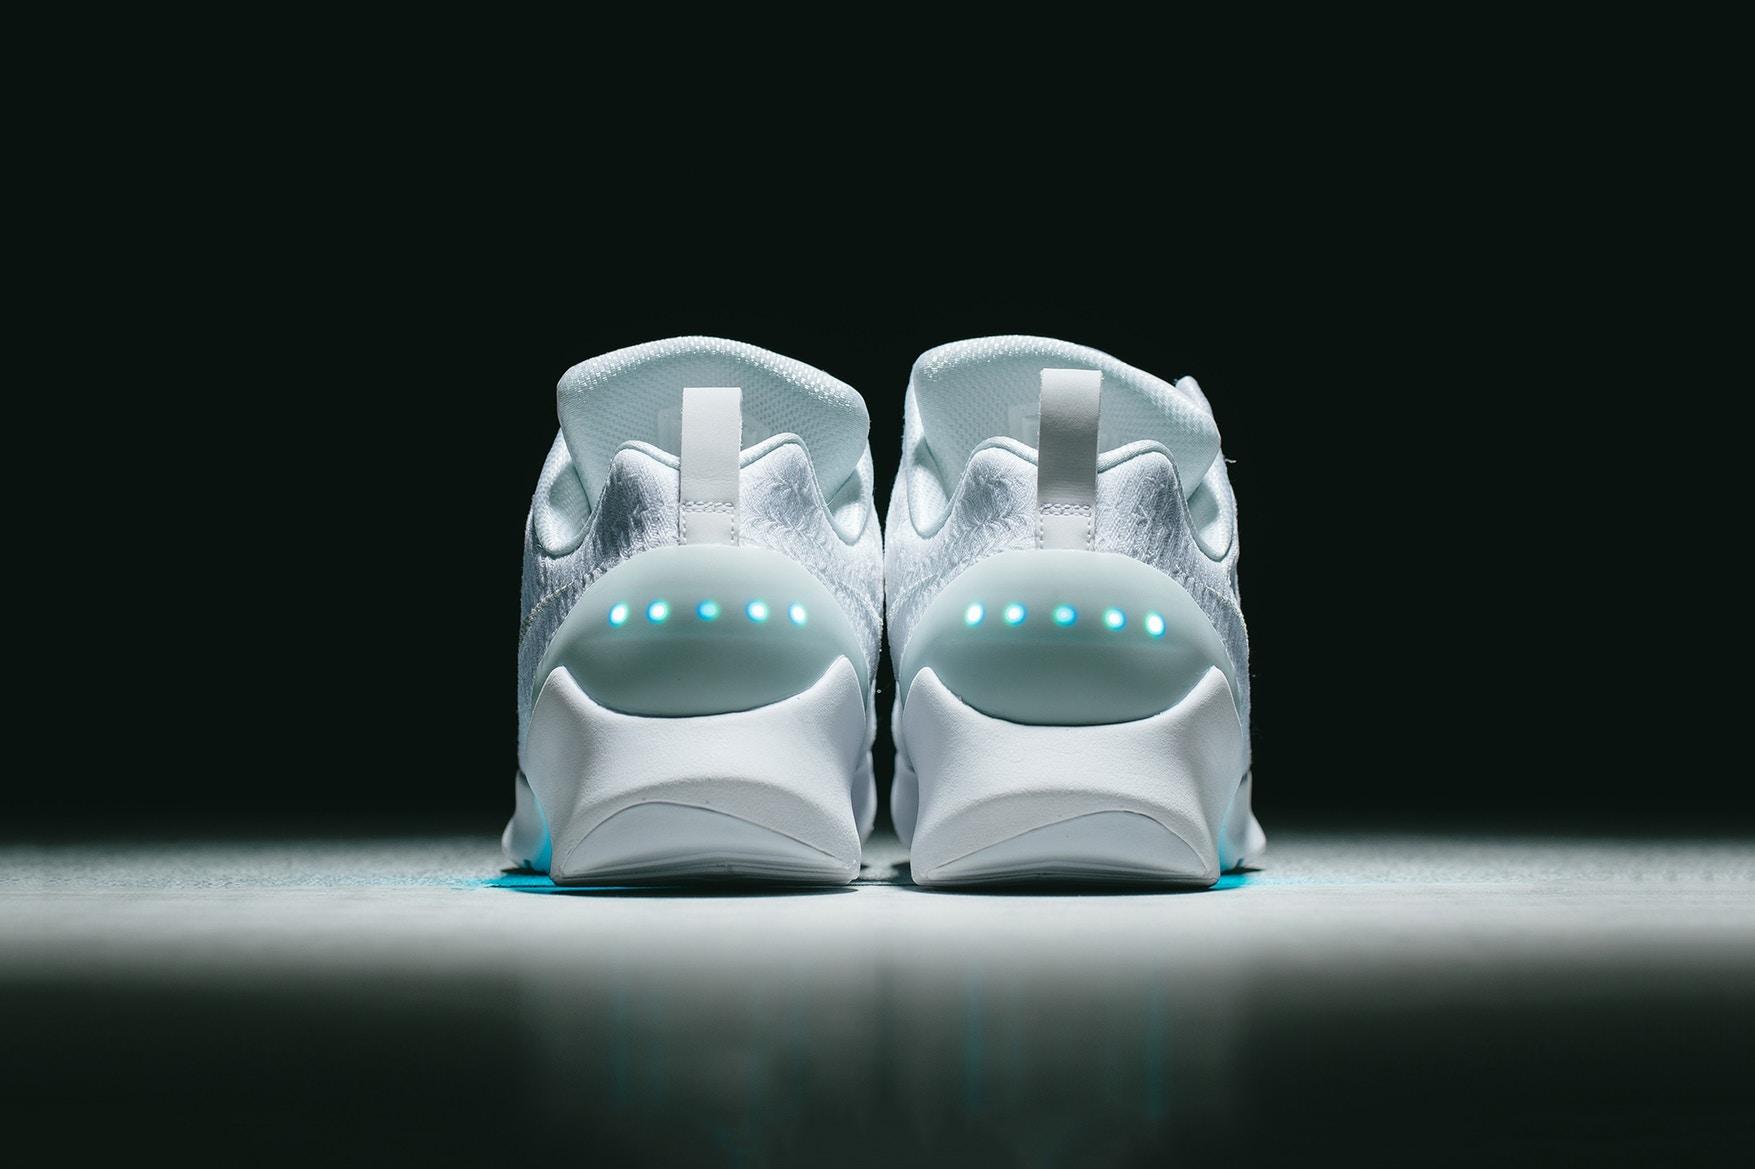 回到未來電影成真 自動綁鞋帶 鞋底發光的 NIKE HyperAdapt 1.0 波鞋明日在 invincible 開賣